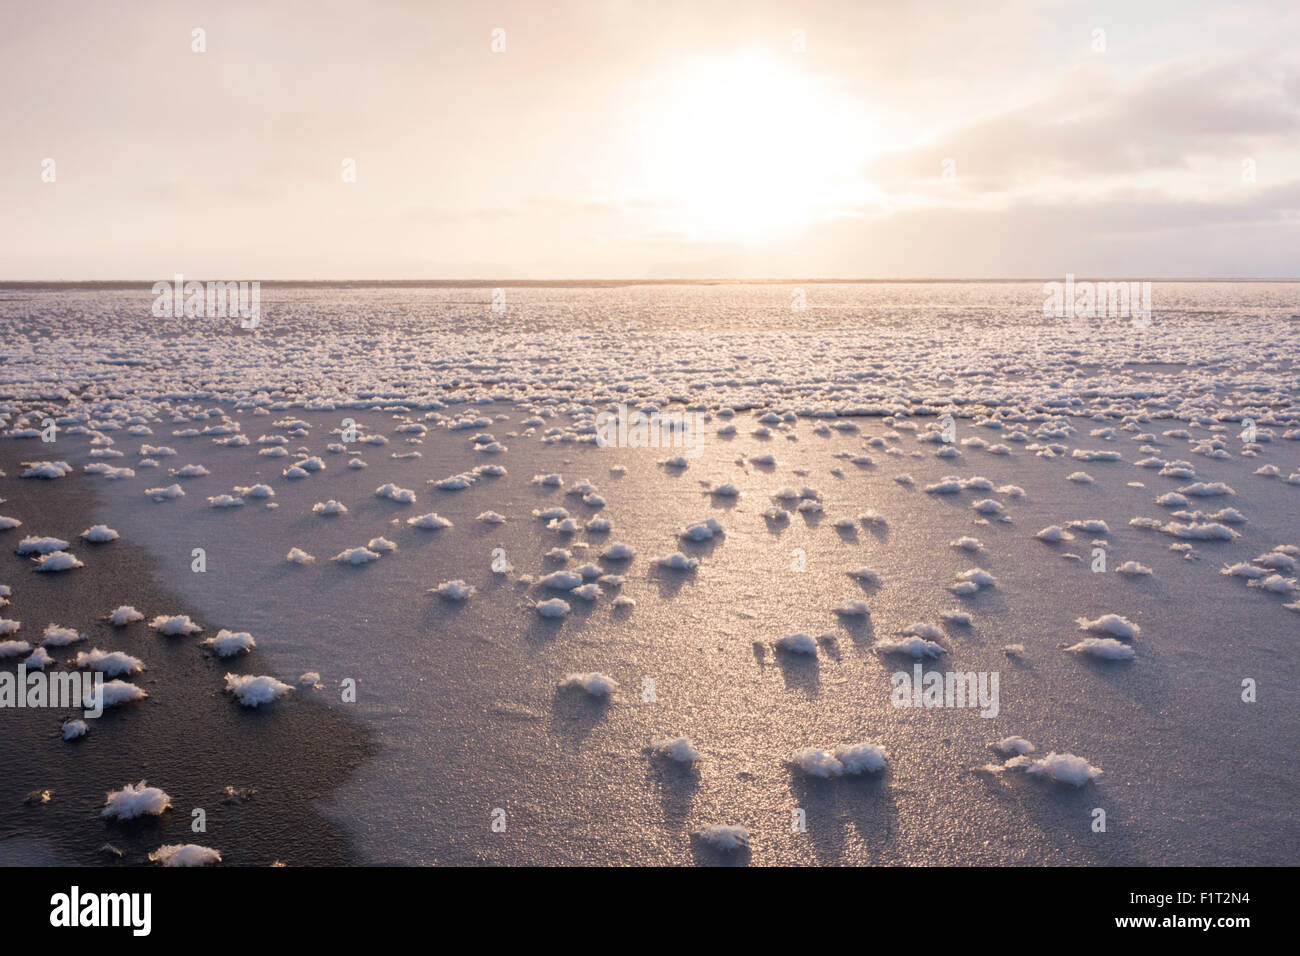 Eisblumen auf dünne Eisschollen gebildet, wenn die Atmosphäre viel kälter als die zugrunde liegenden Stockbild